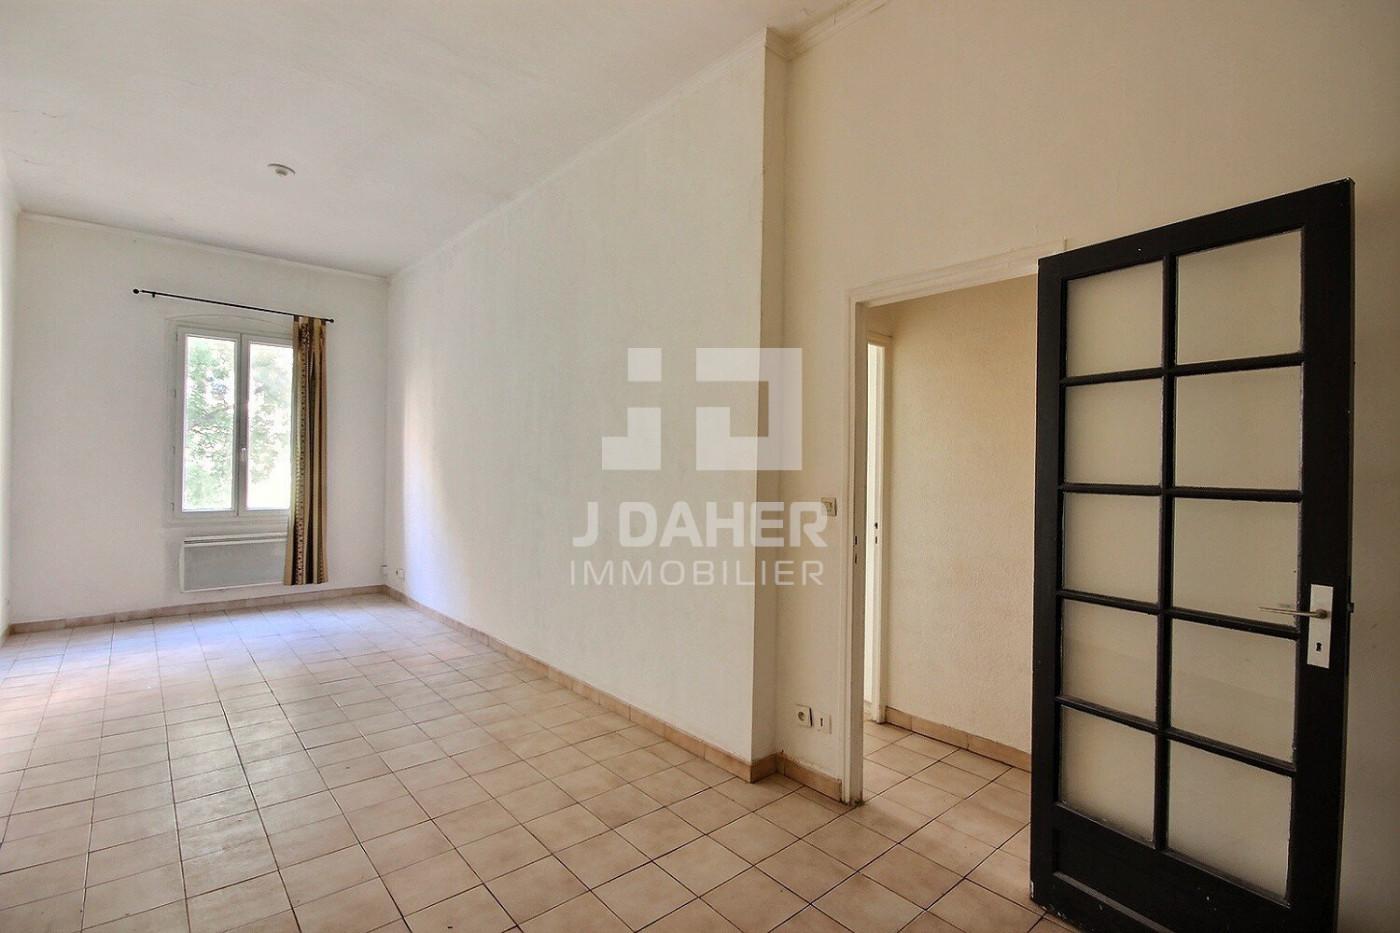 A vendre  Marseille 7eme Arrondissement | Réf 130251010 - J daher immobilier